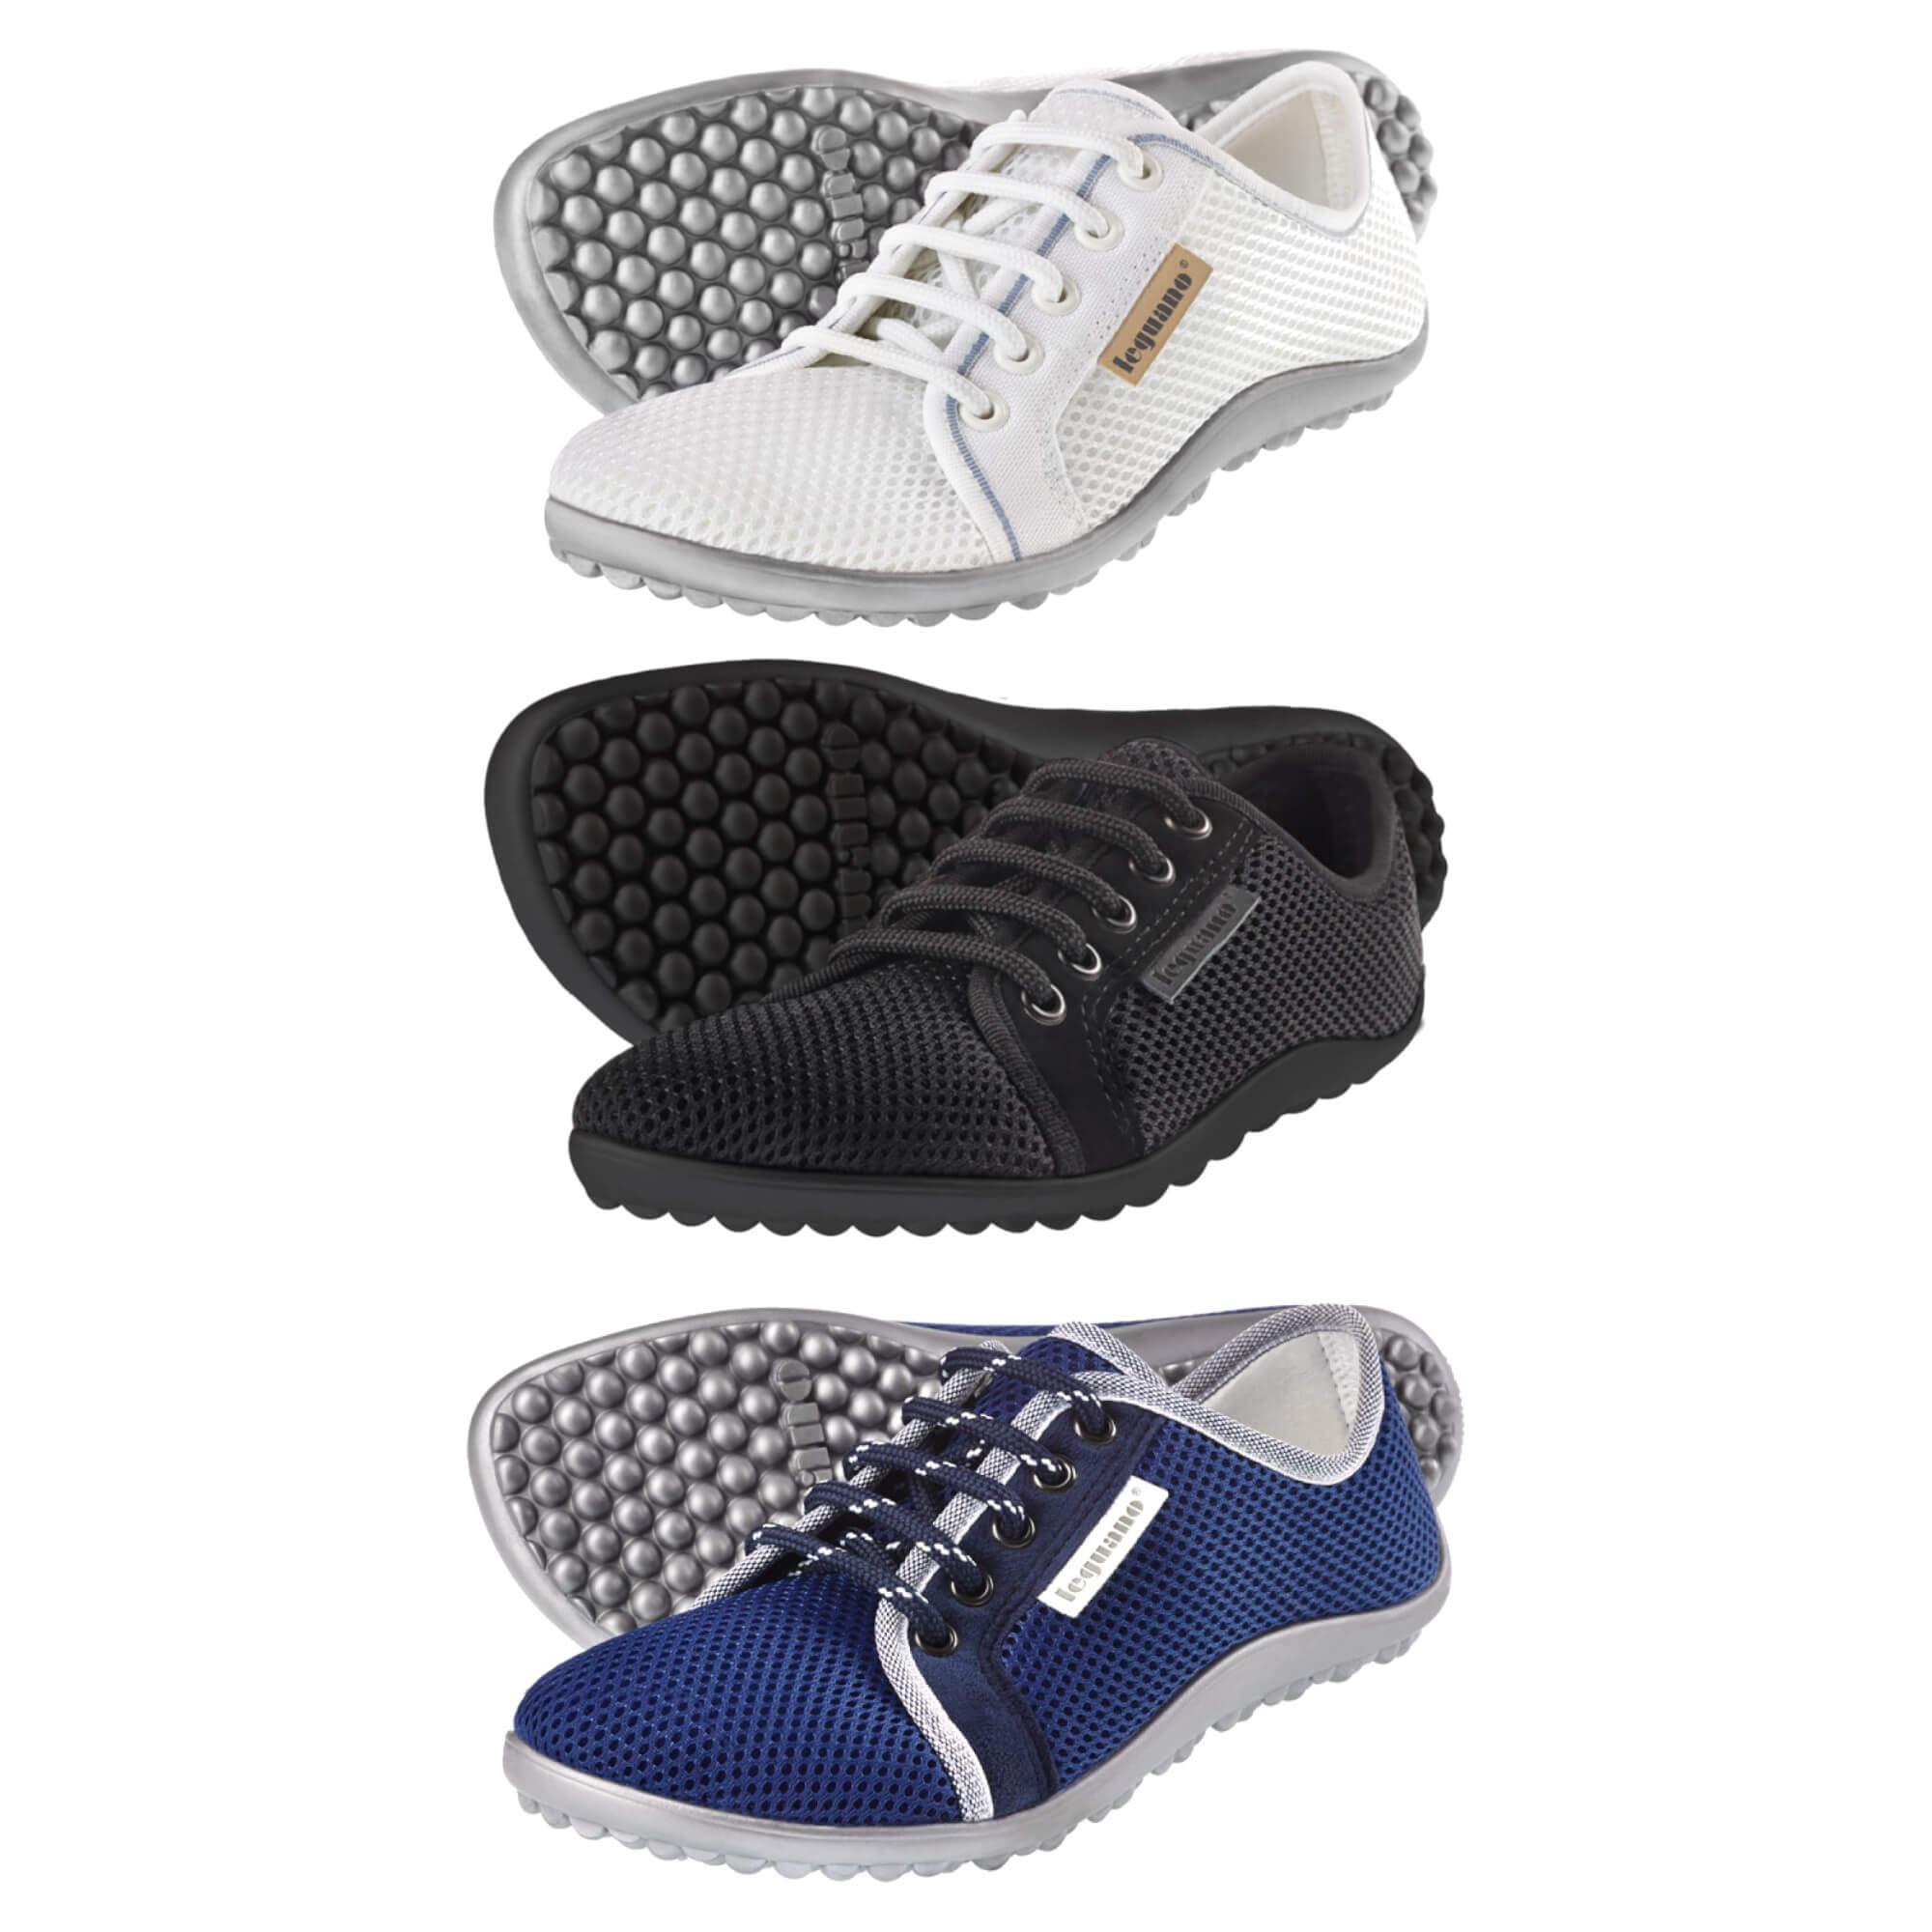 Schnäppchen für Mode vielfältig Stile verfügbar leguano Barfußschuhe aktiv   Vision sports Outdoor- & Sportbekleidung